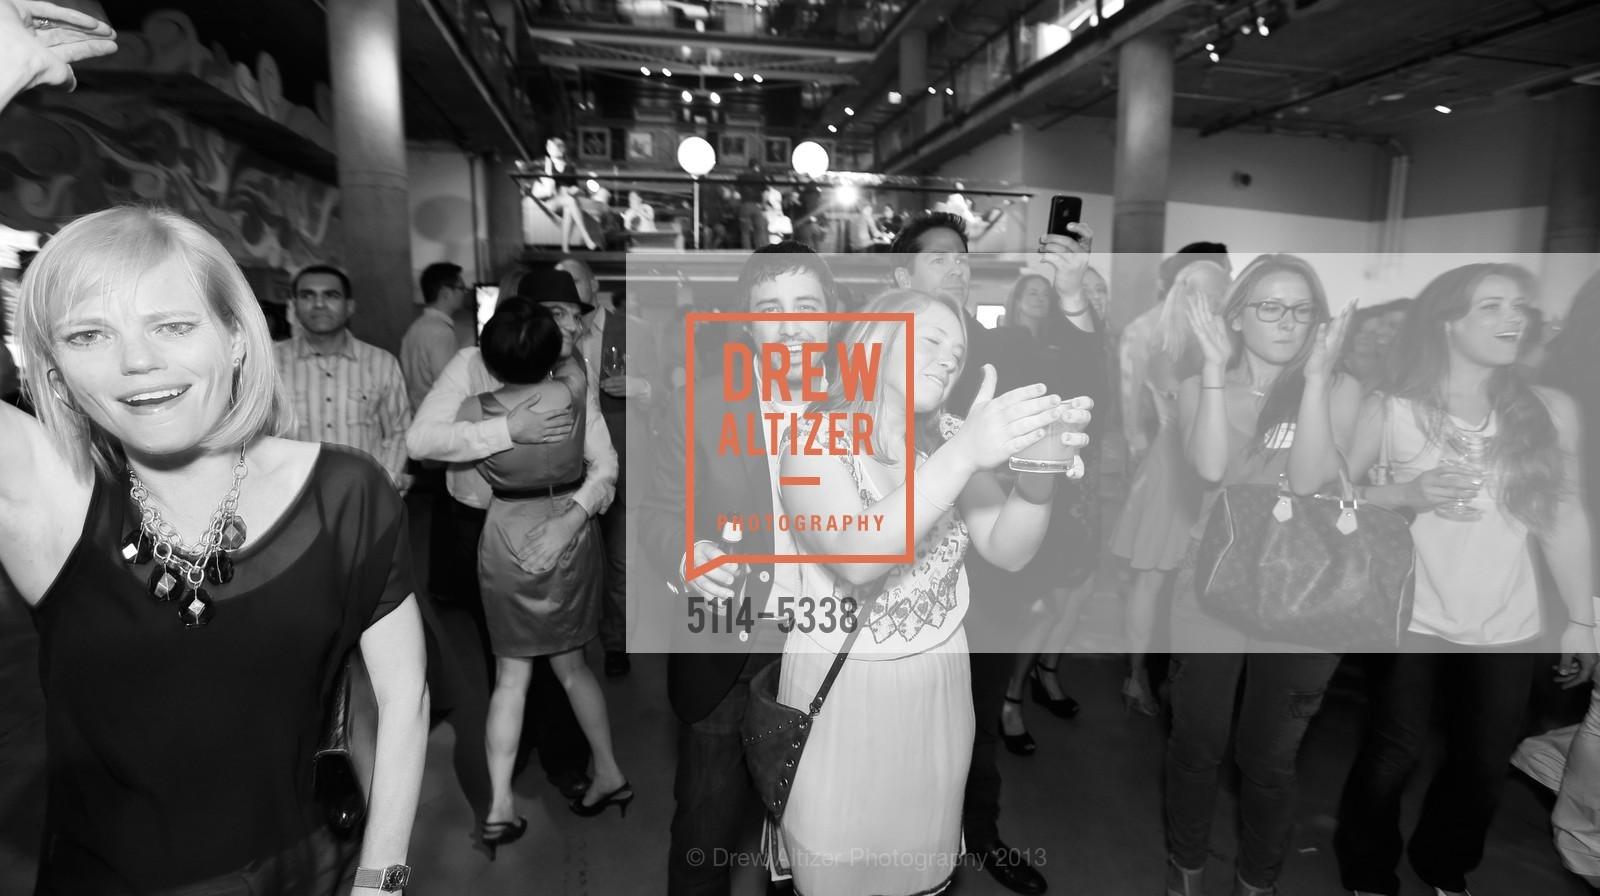 Dance Floor, Photo #5114-5338